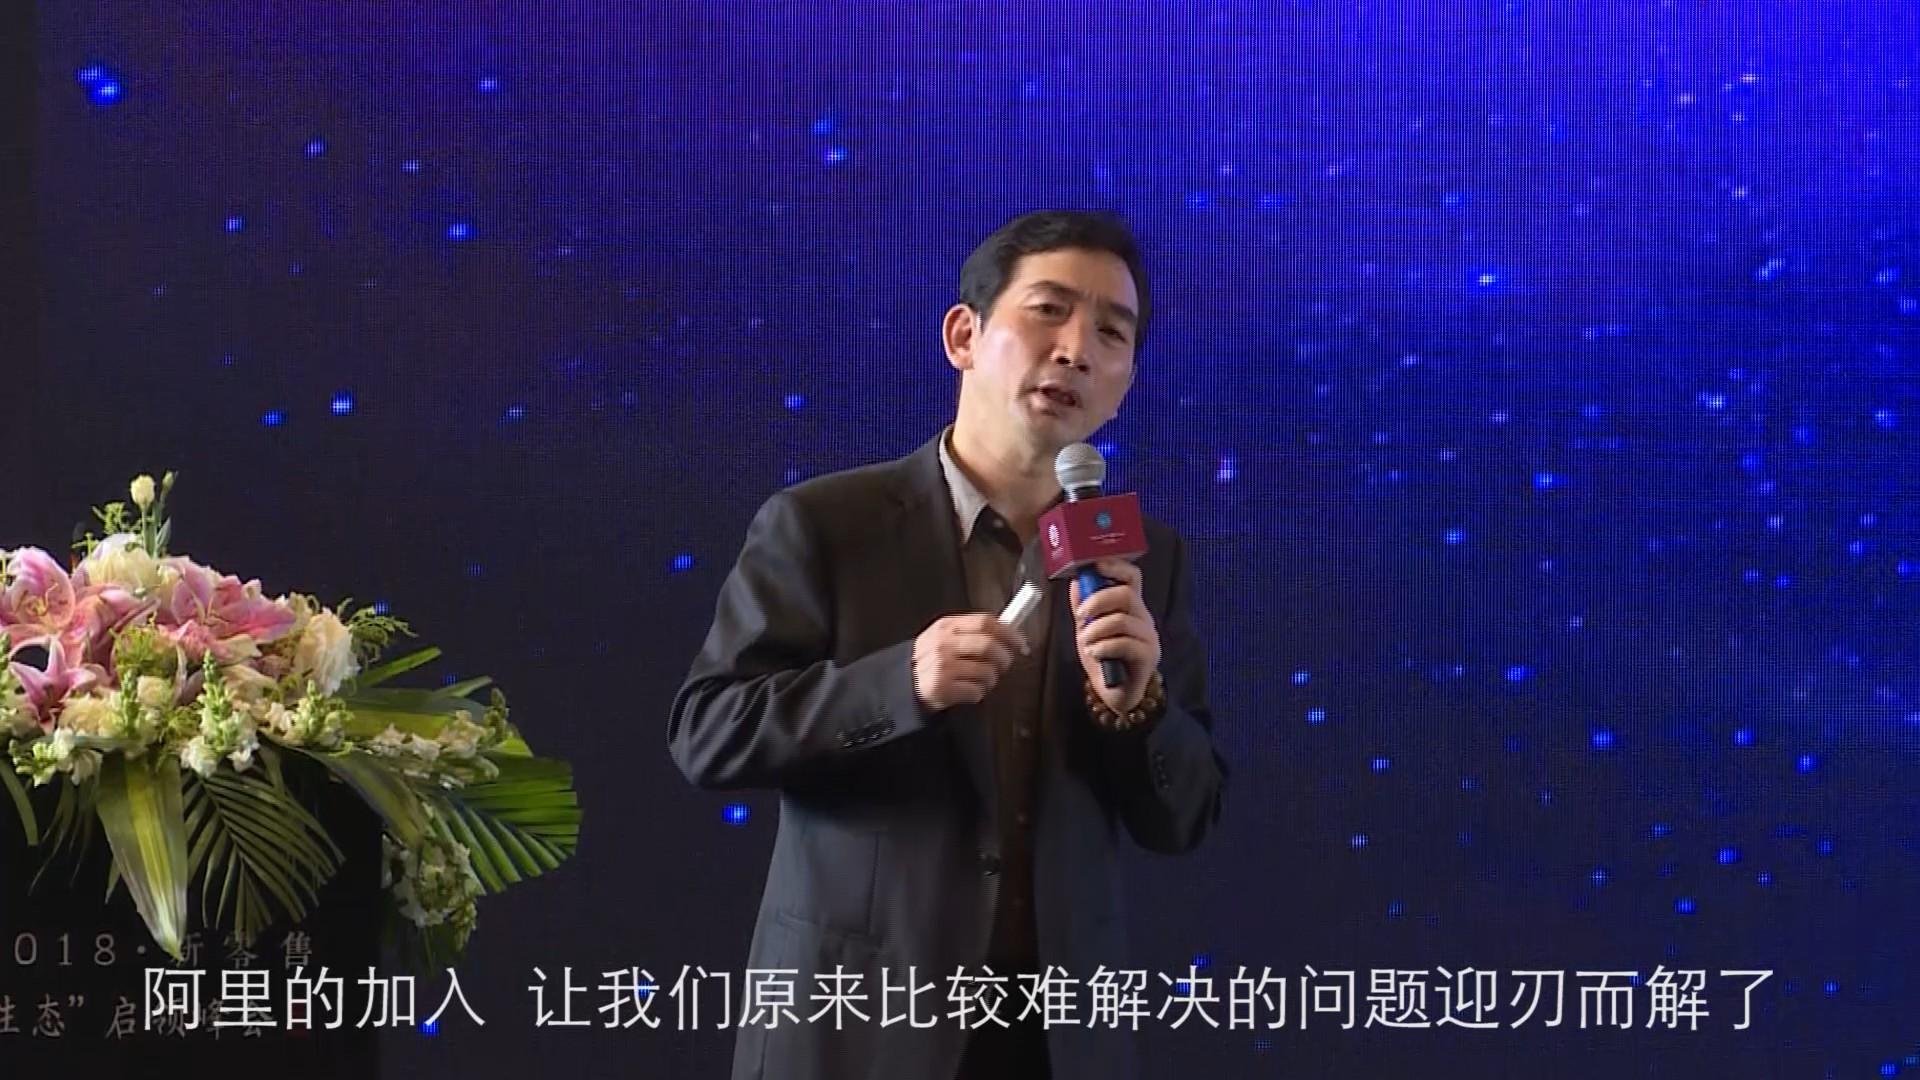 大润发COO袁彬谈与阿里合作:如鱼得水